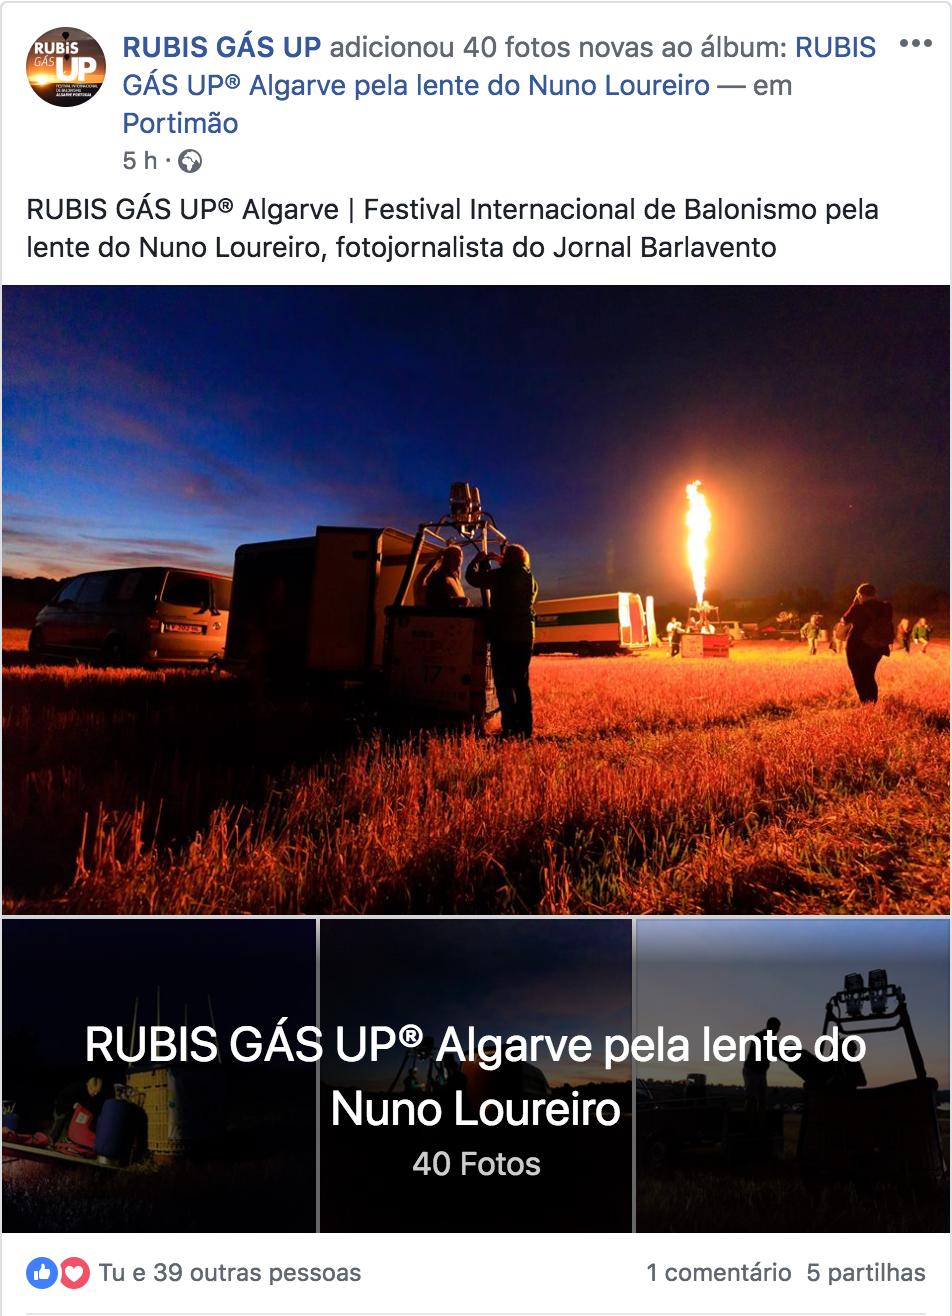 RUBIS GÁS UP Fb